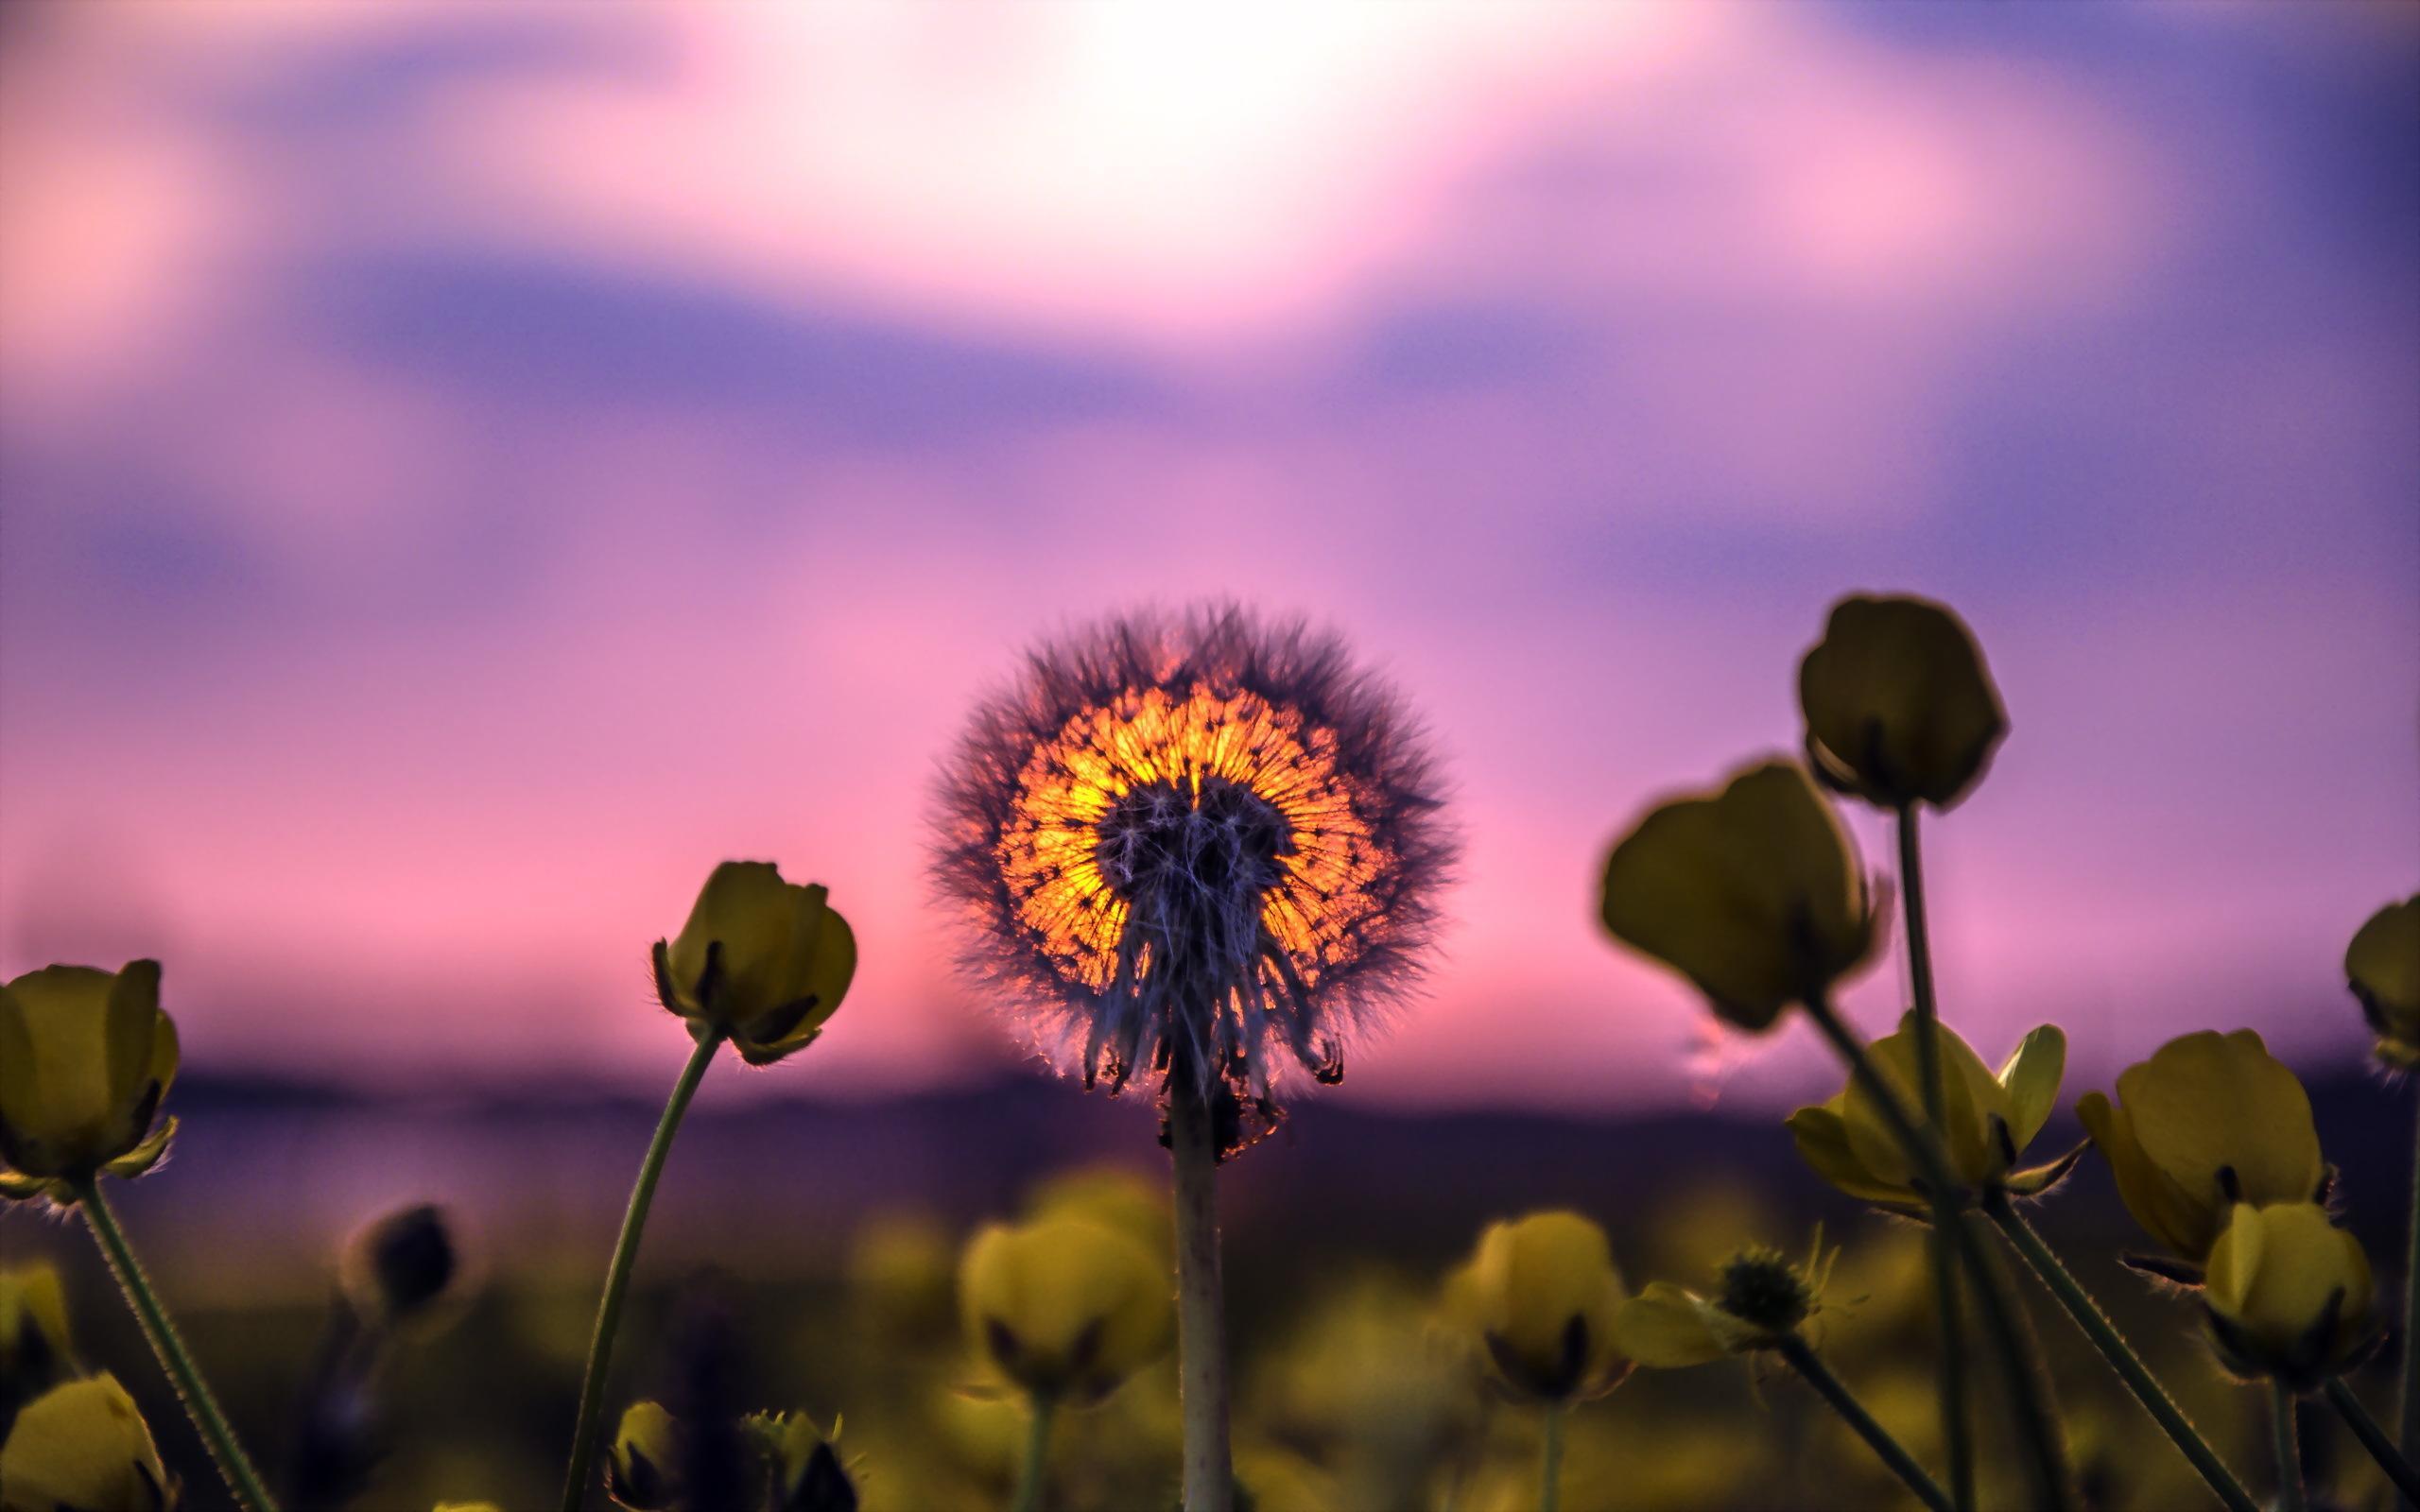 Lindo florecimiento frente al sol fondo de pantalla HD